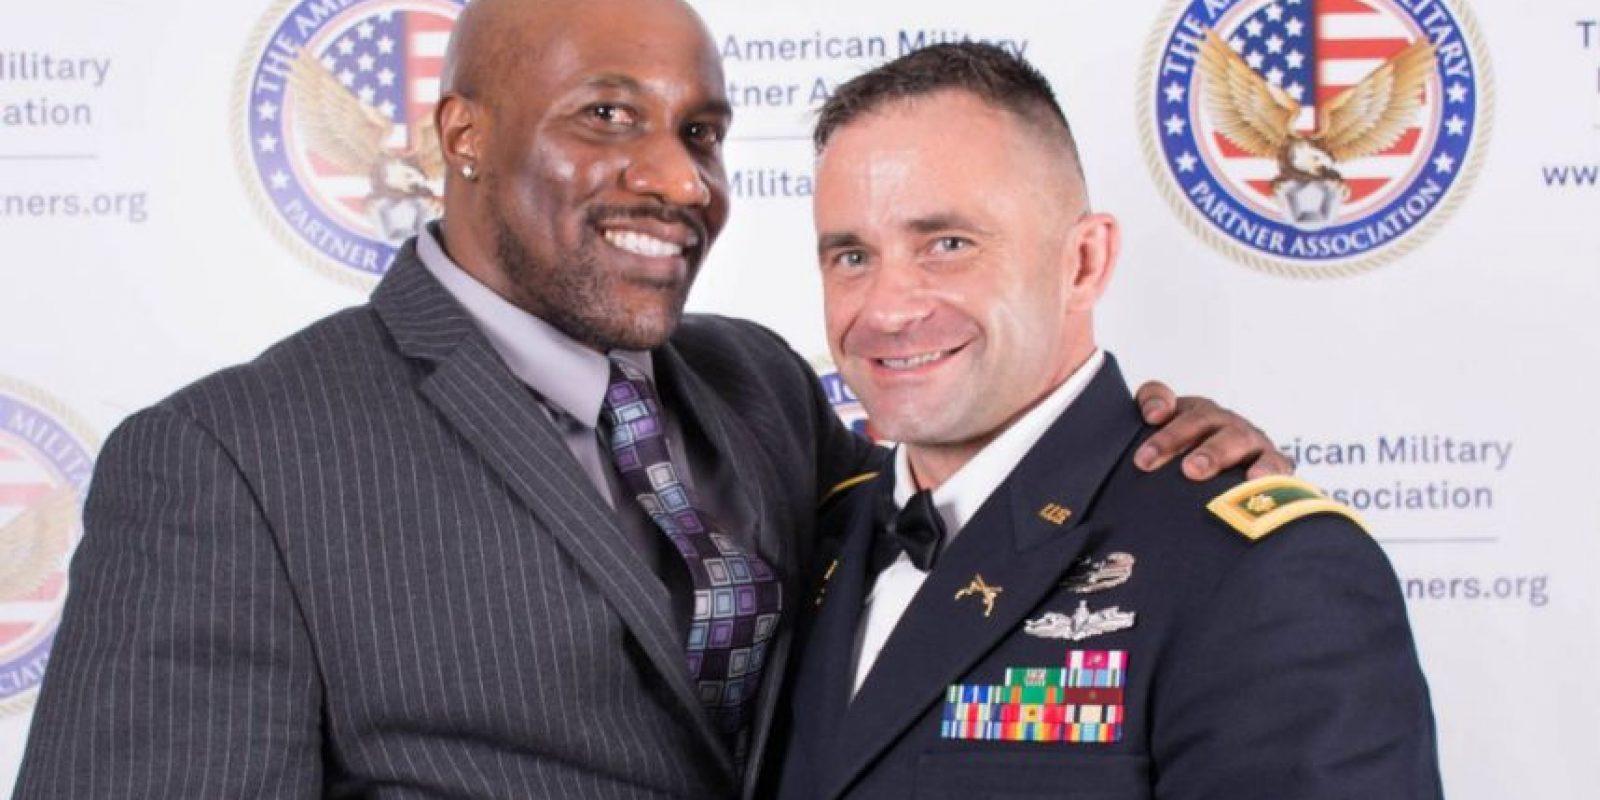 También cuentan con una pagina en Facebook Foto:Facebook/The American Military Partner Association